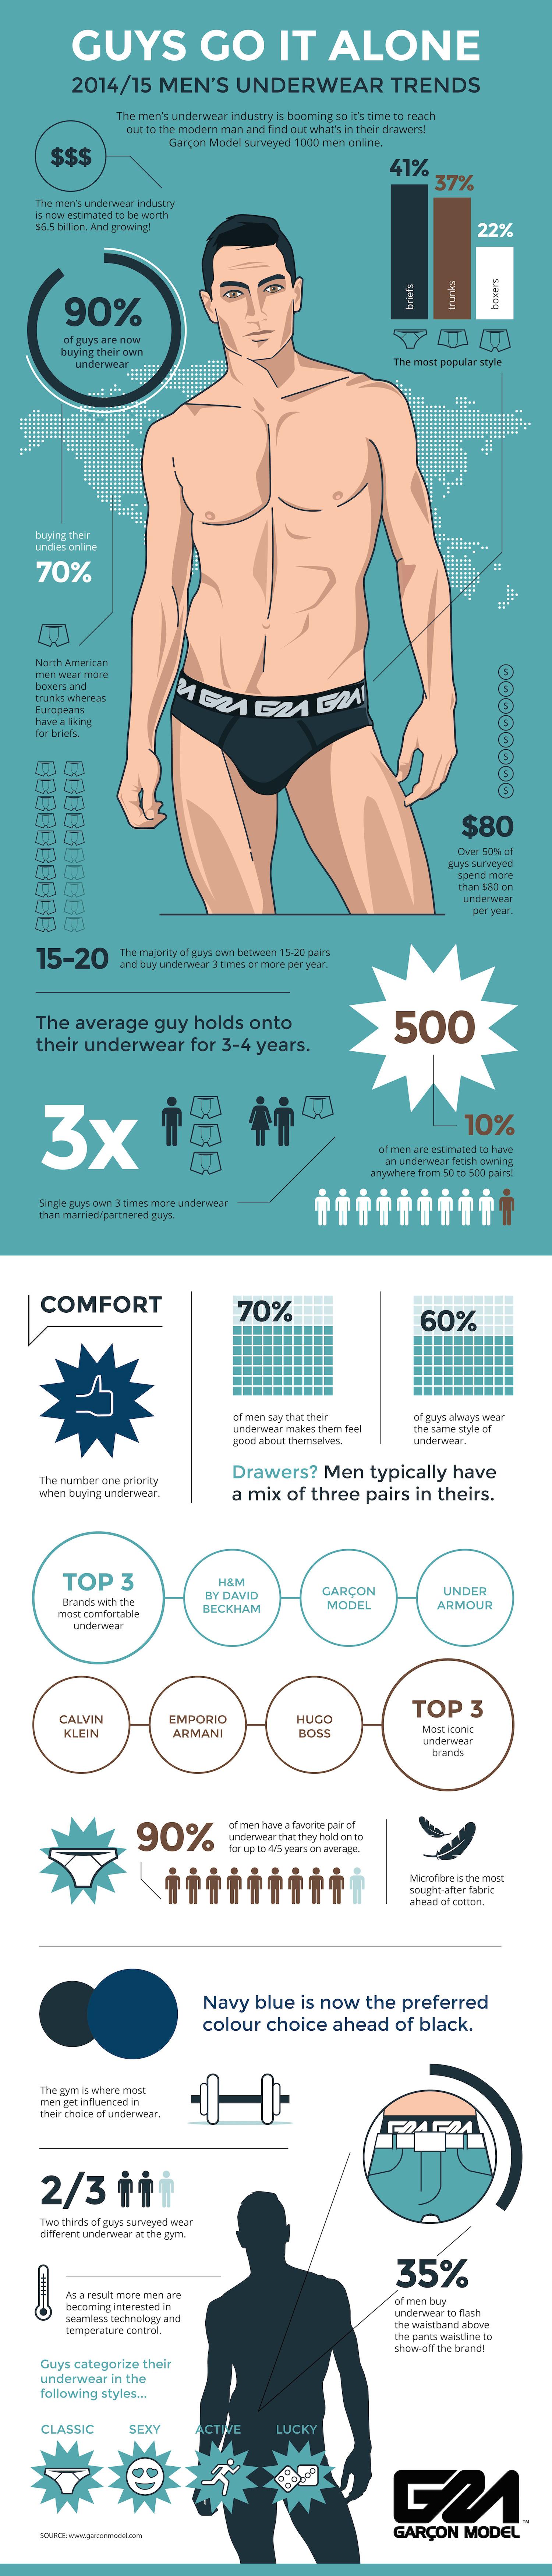 2014/15 Men's Underwear Trends